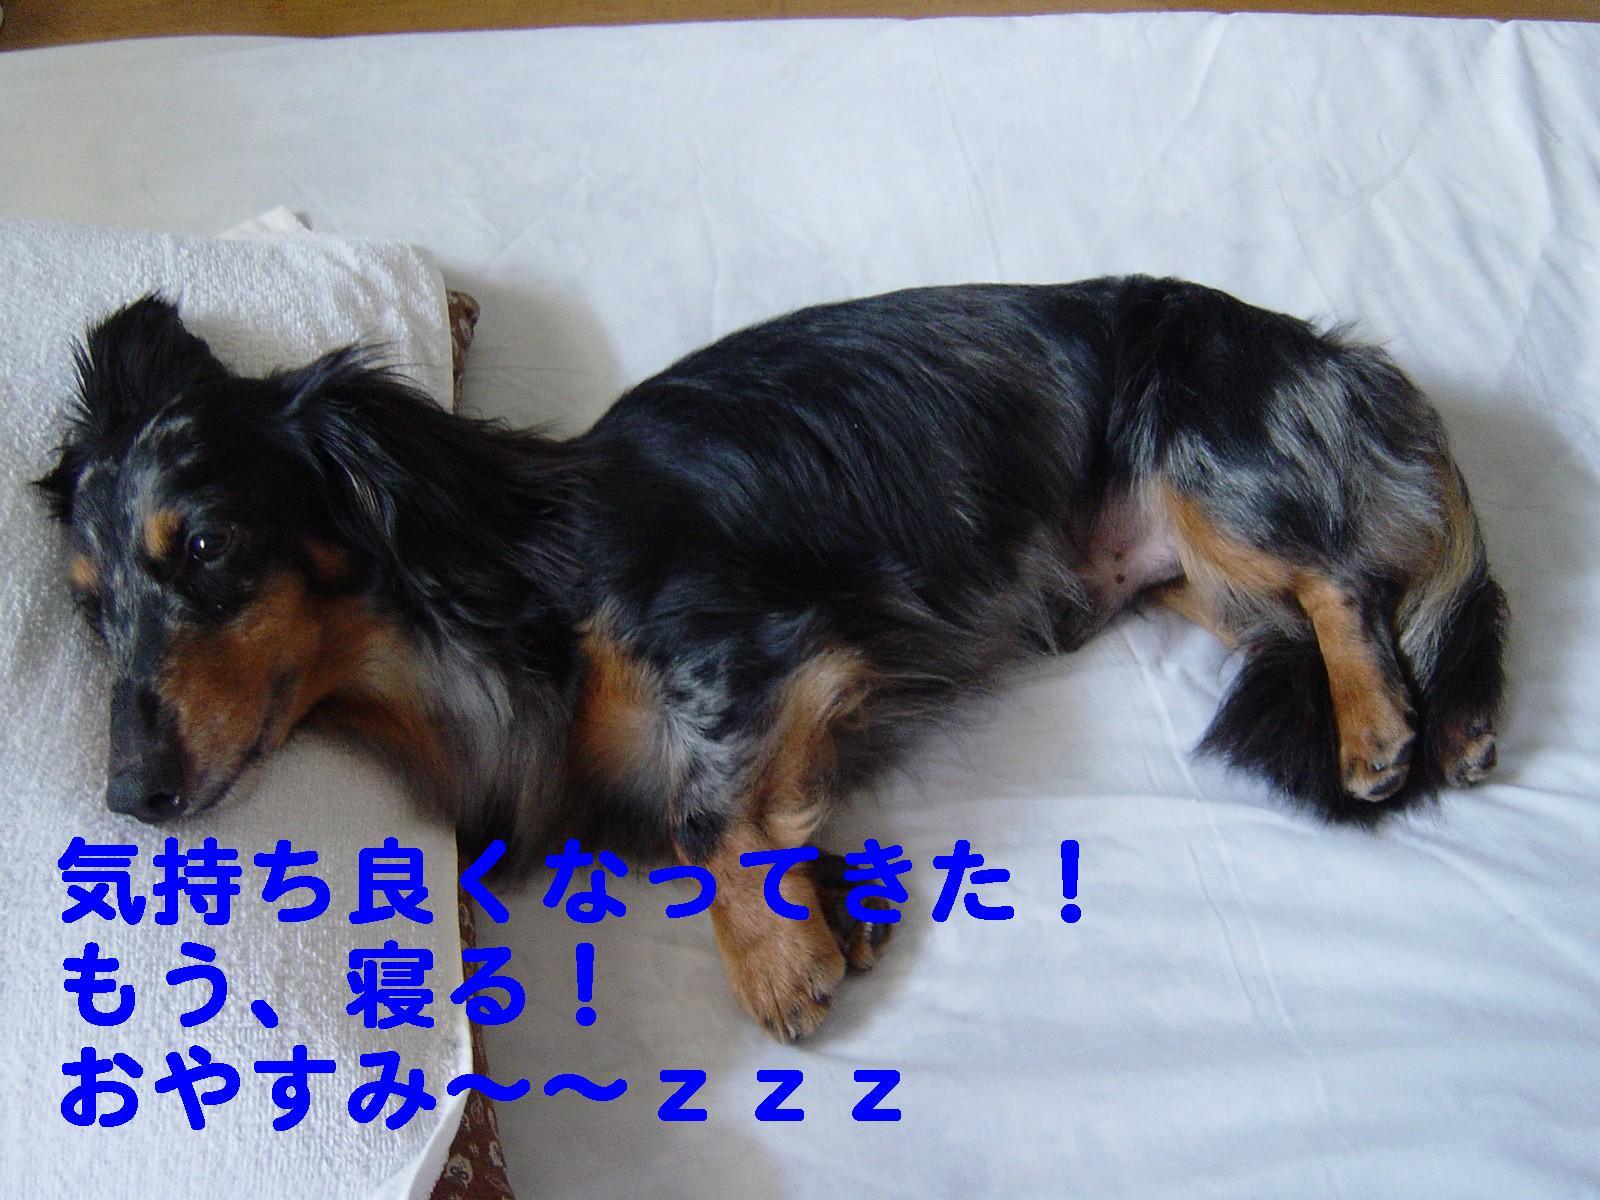 おやすみ~~~~~~~~~~!